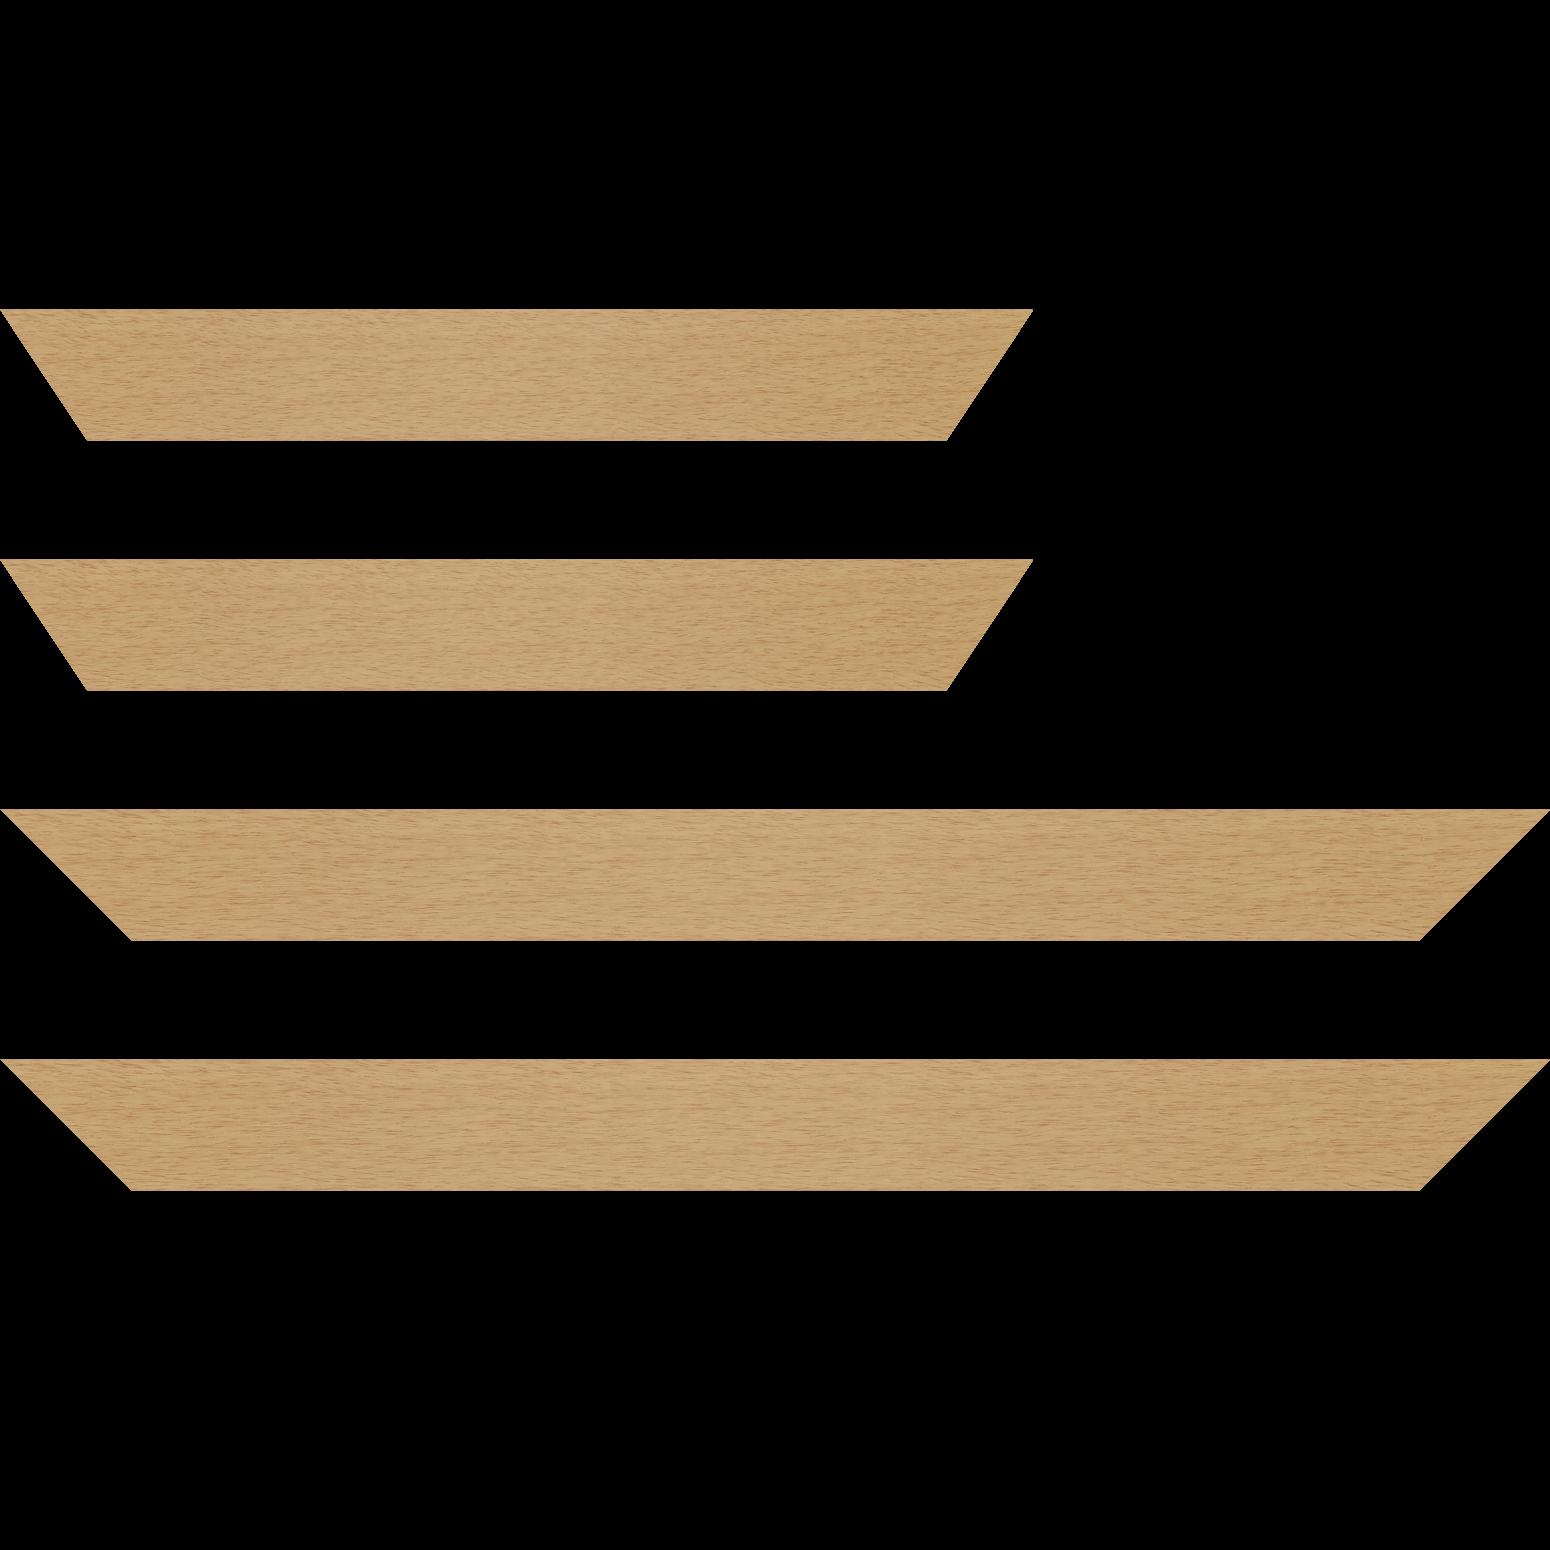 Baguette service précoupé bois profil plat largeur 4.1cm couleur naturel satiné